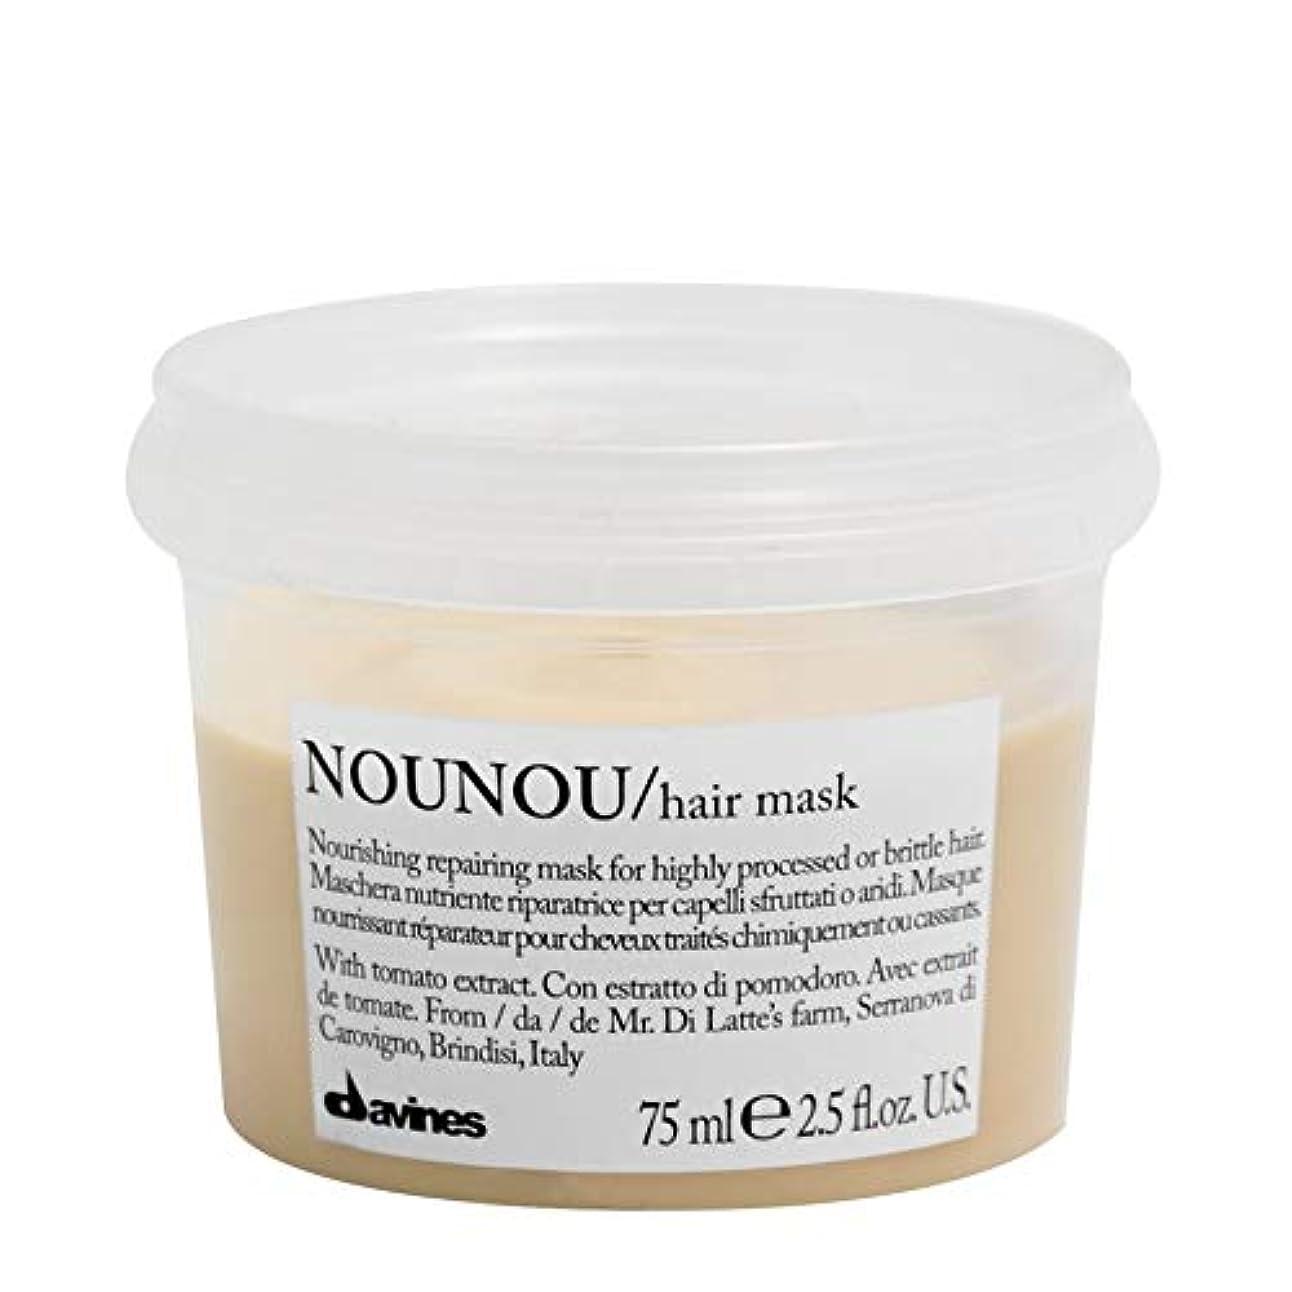 ありそう肯定的葡萄[Davines ] ヘアマスク75ミリリットルノウノウダヴィネス - Davines NouNou Hair Mask 75ml [並行輸入品]